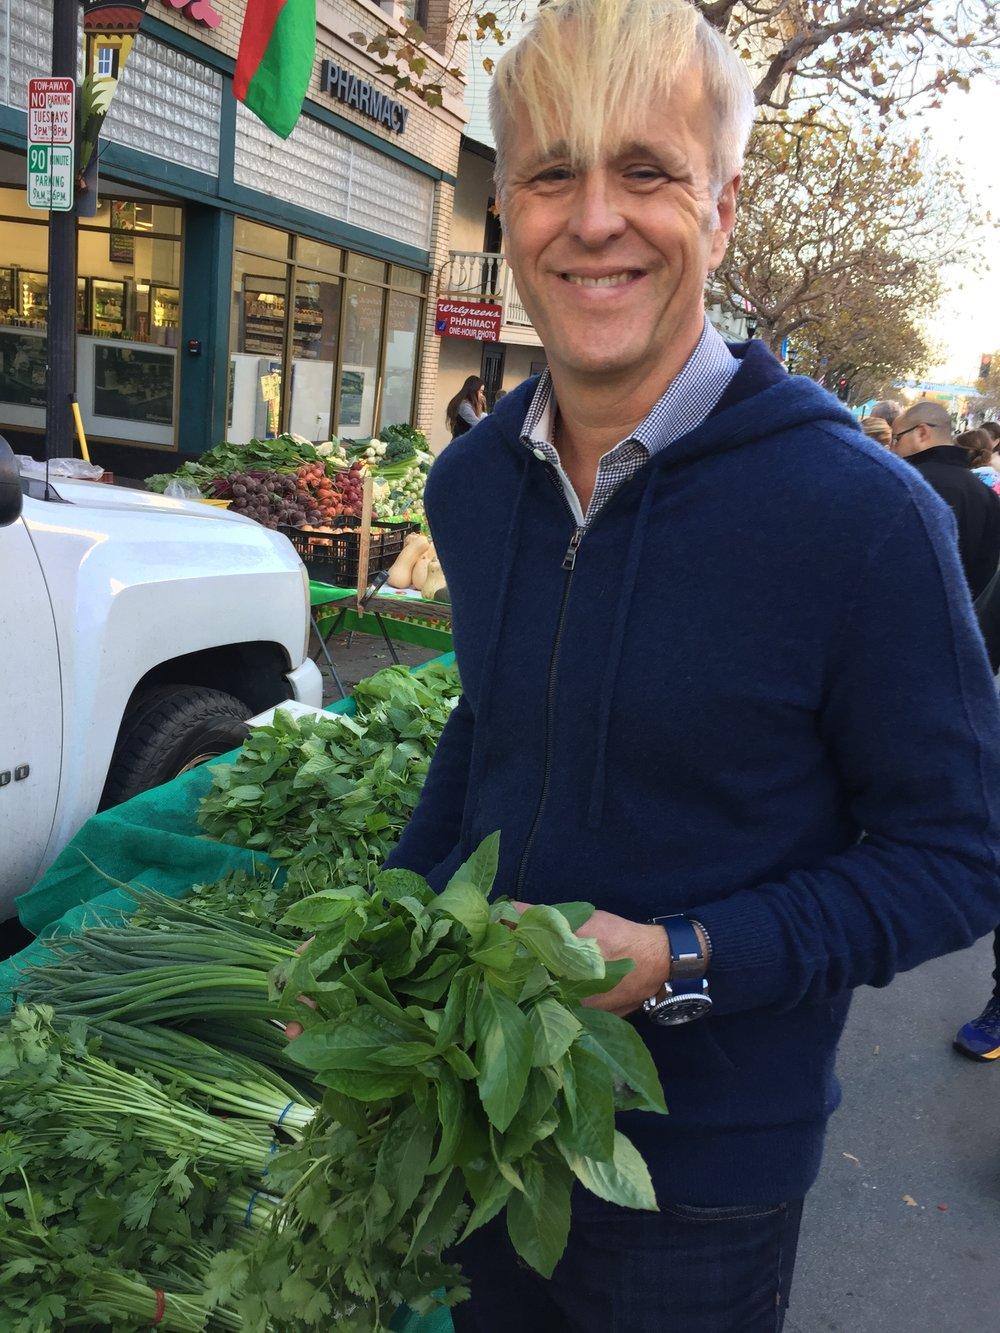 Clark_Monterey_Farmer_Market(2).jpg